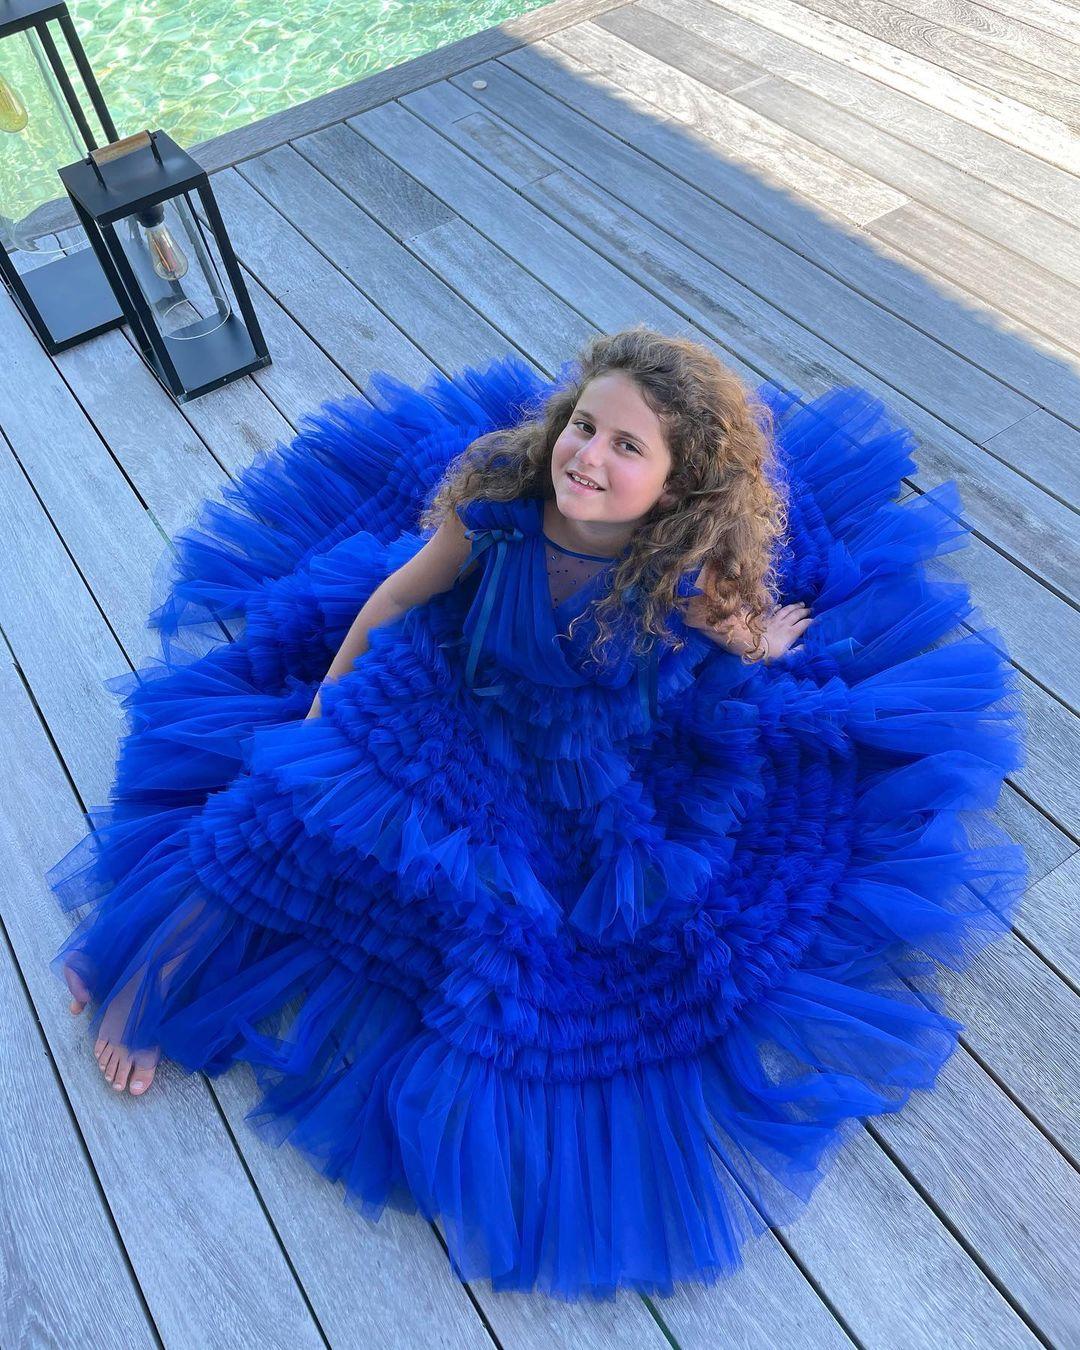 Дочка Жасмин появилась на пляжных фото в платье за 42 тысячи рублей